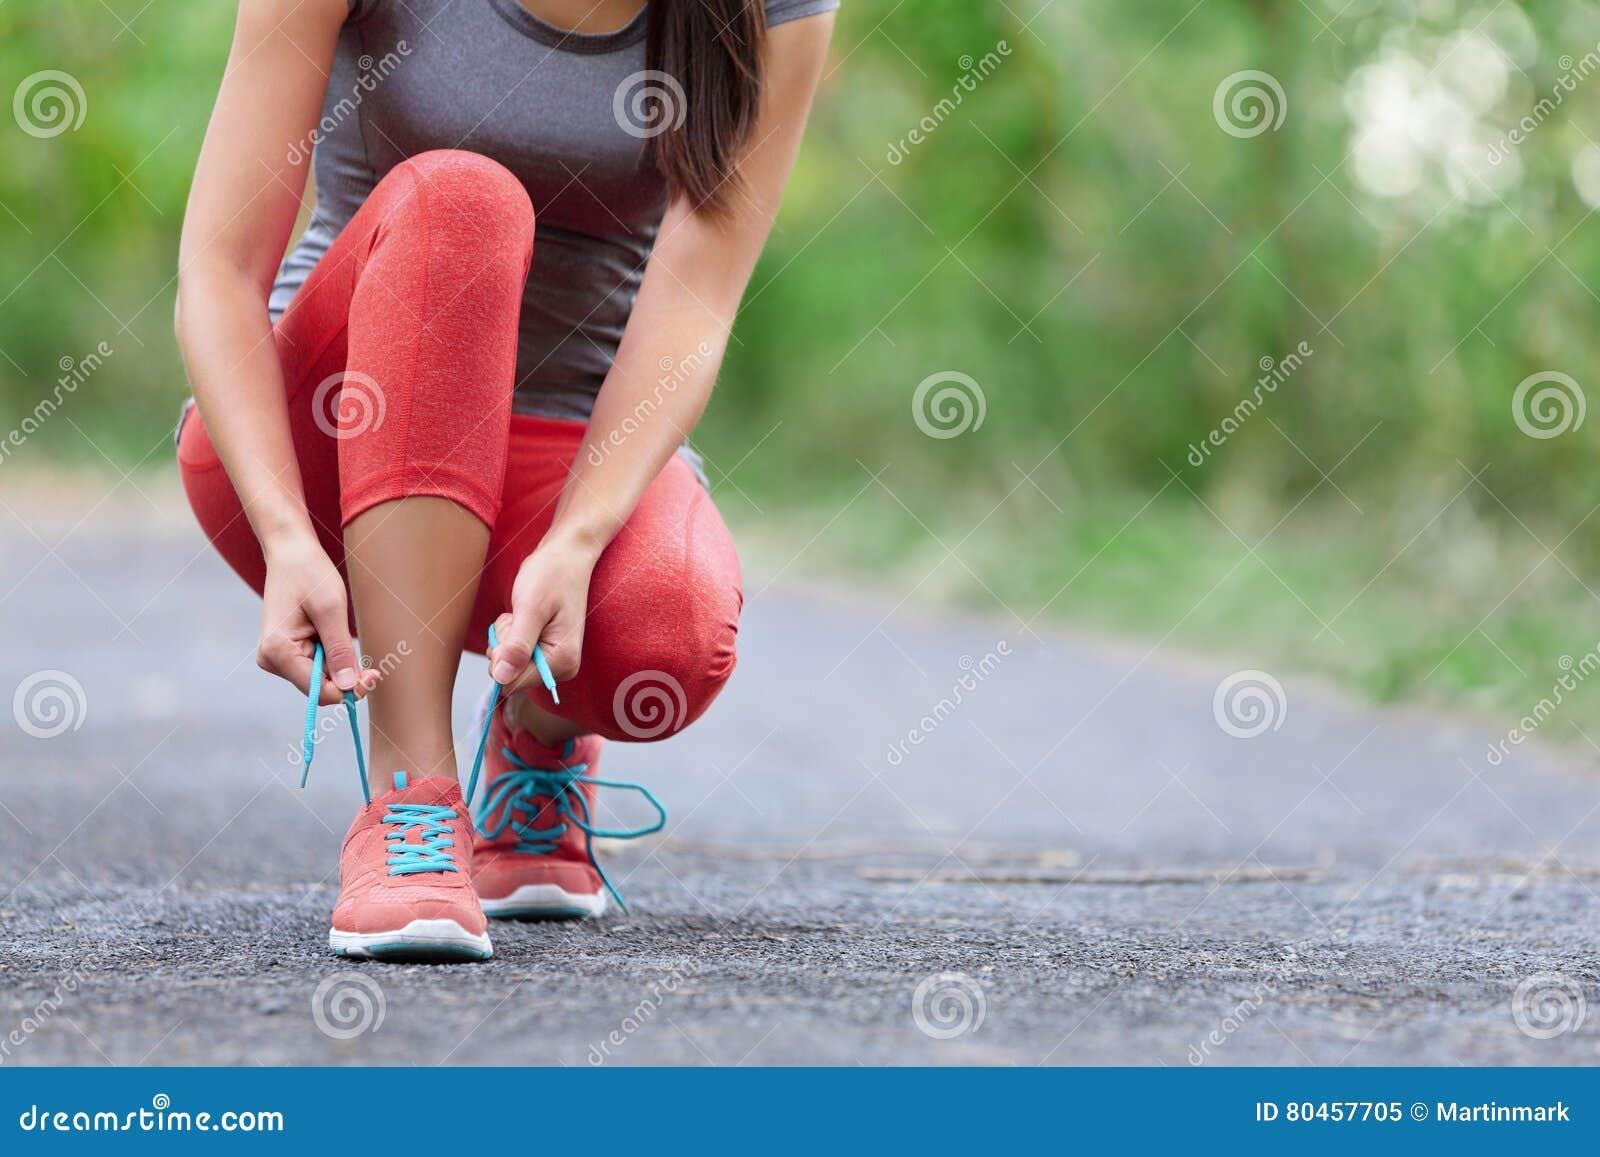 Laufschuhe - Nahaufnahme der Frau Schnürsenkel binden